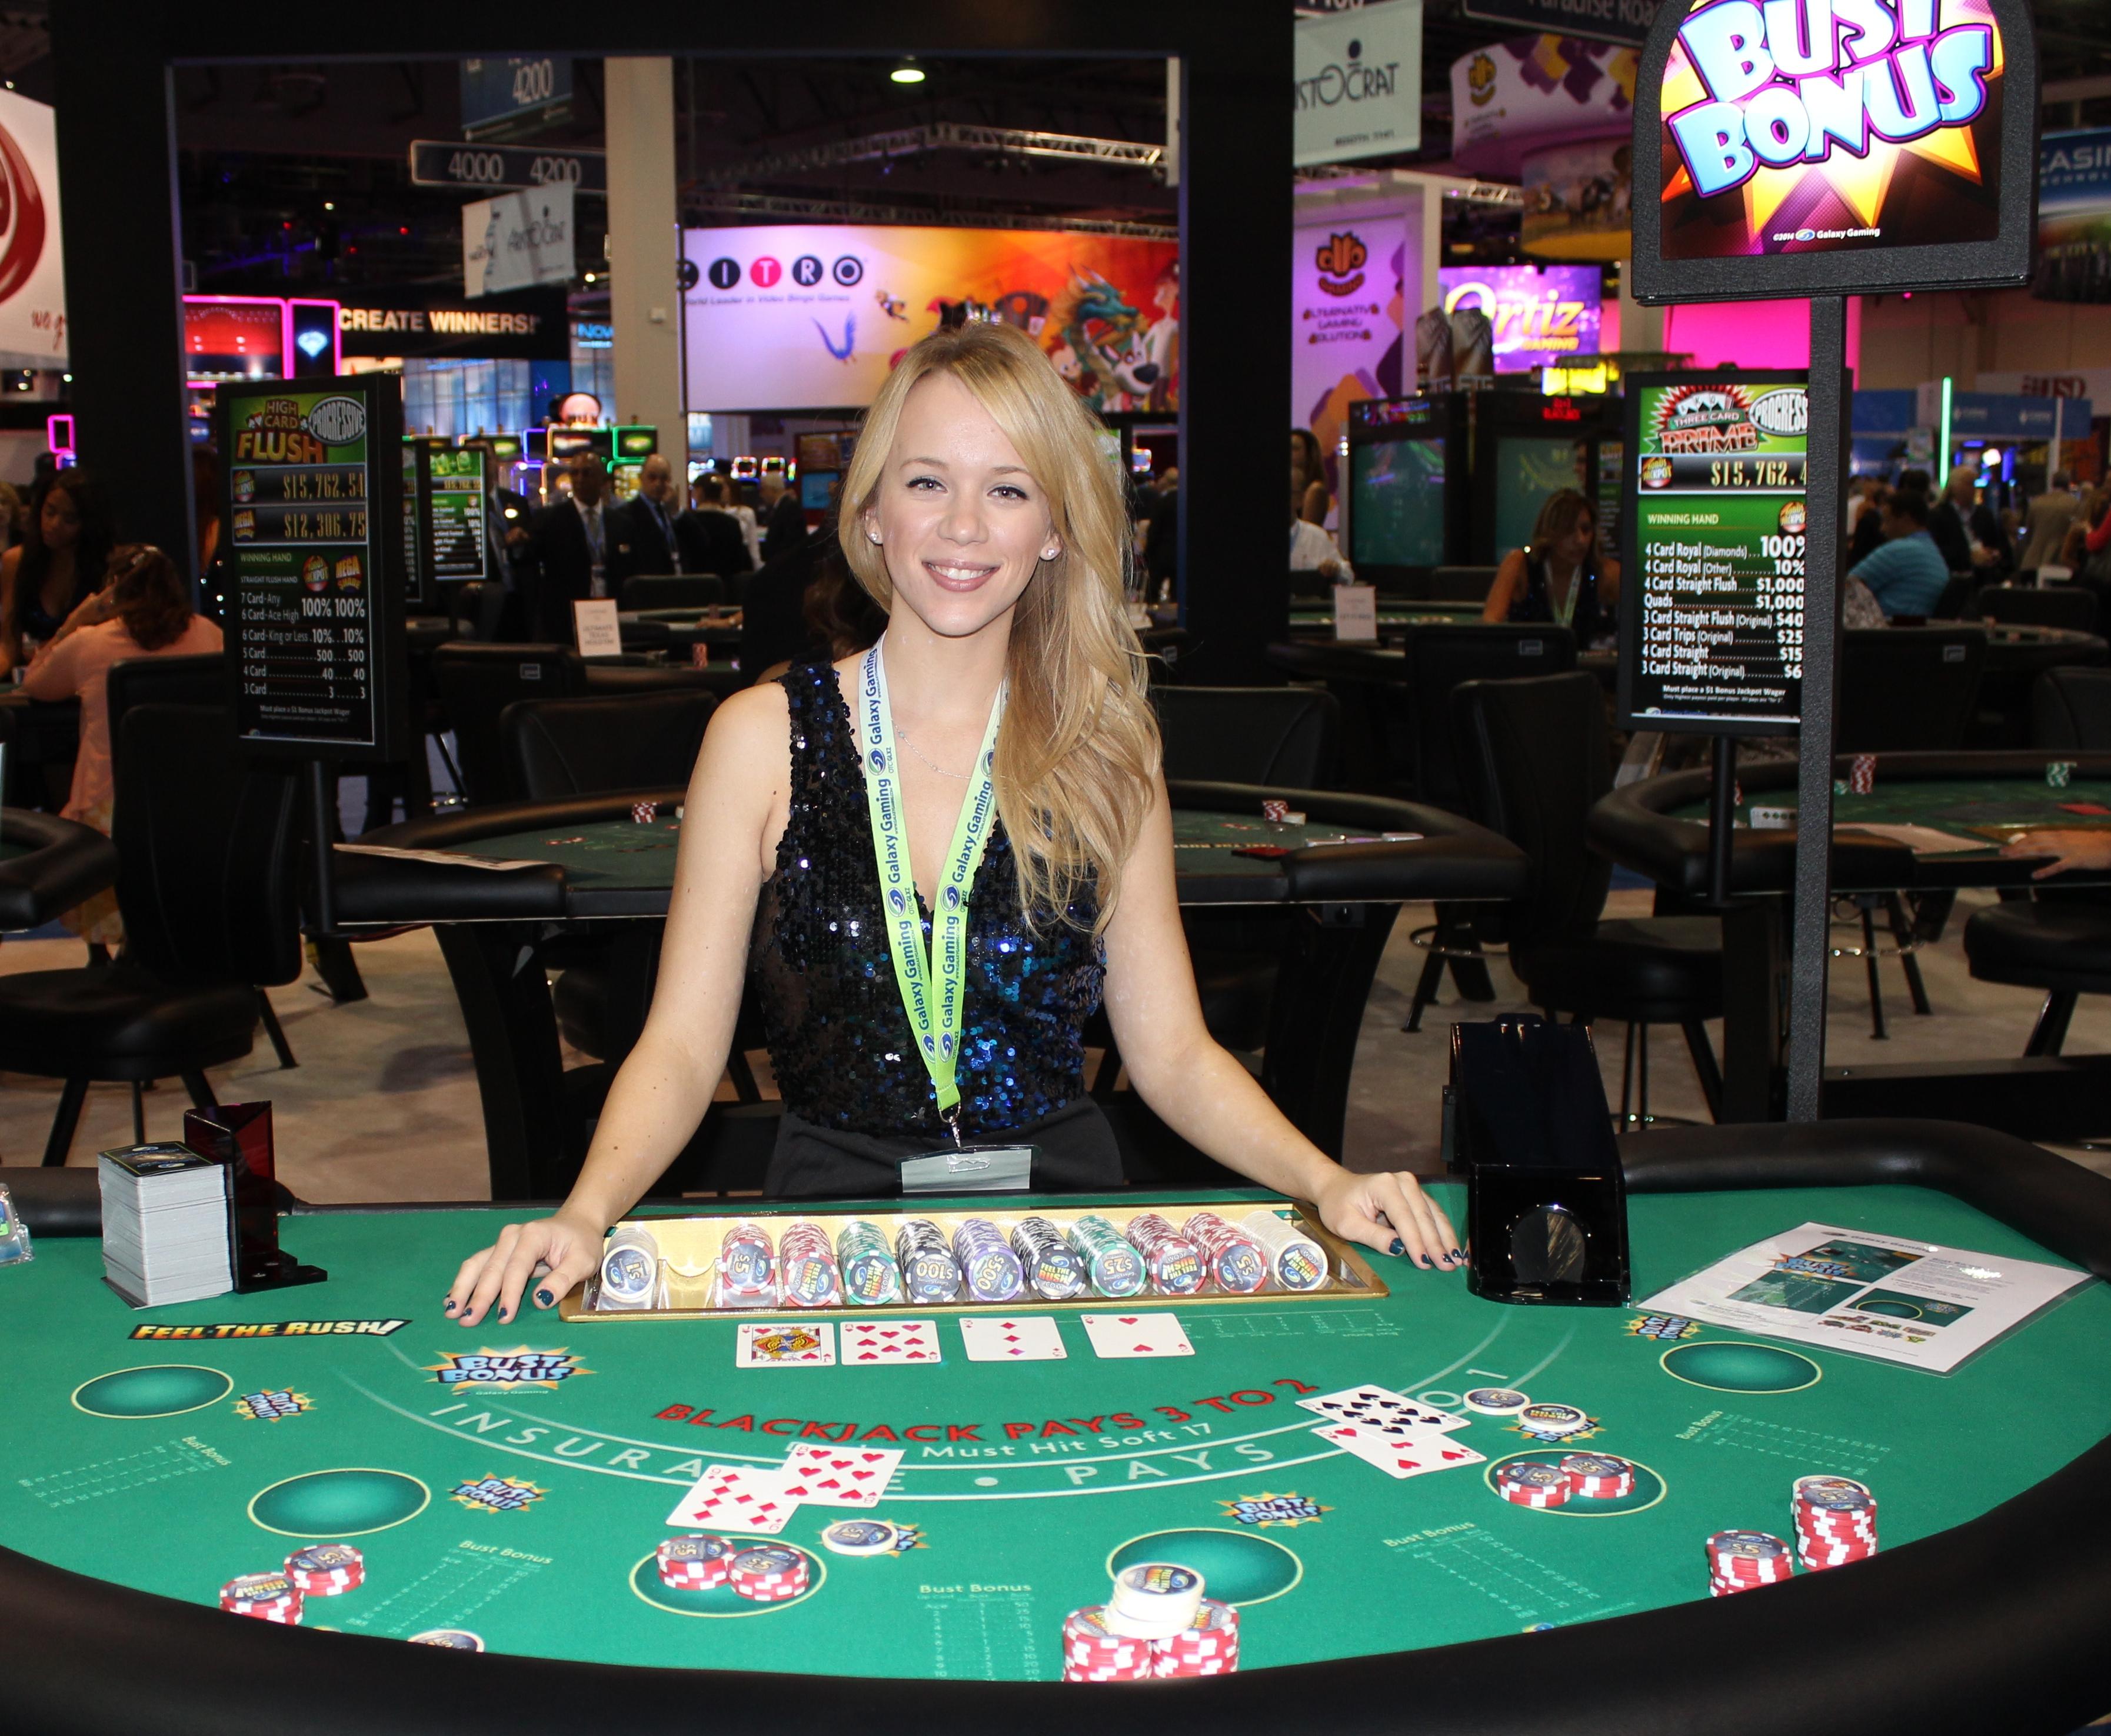 Taj milton poker